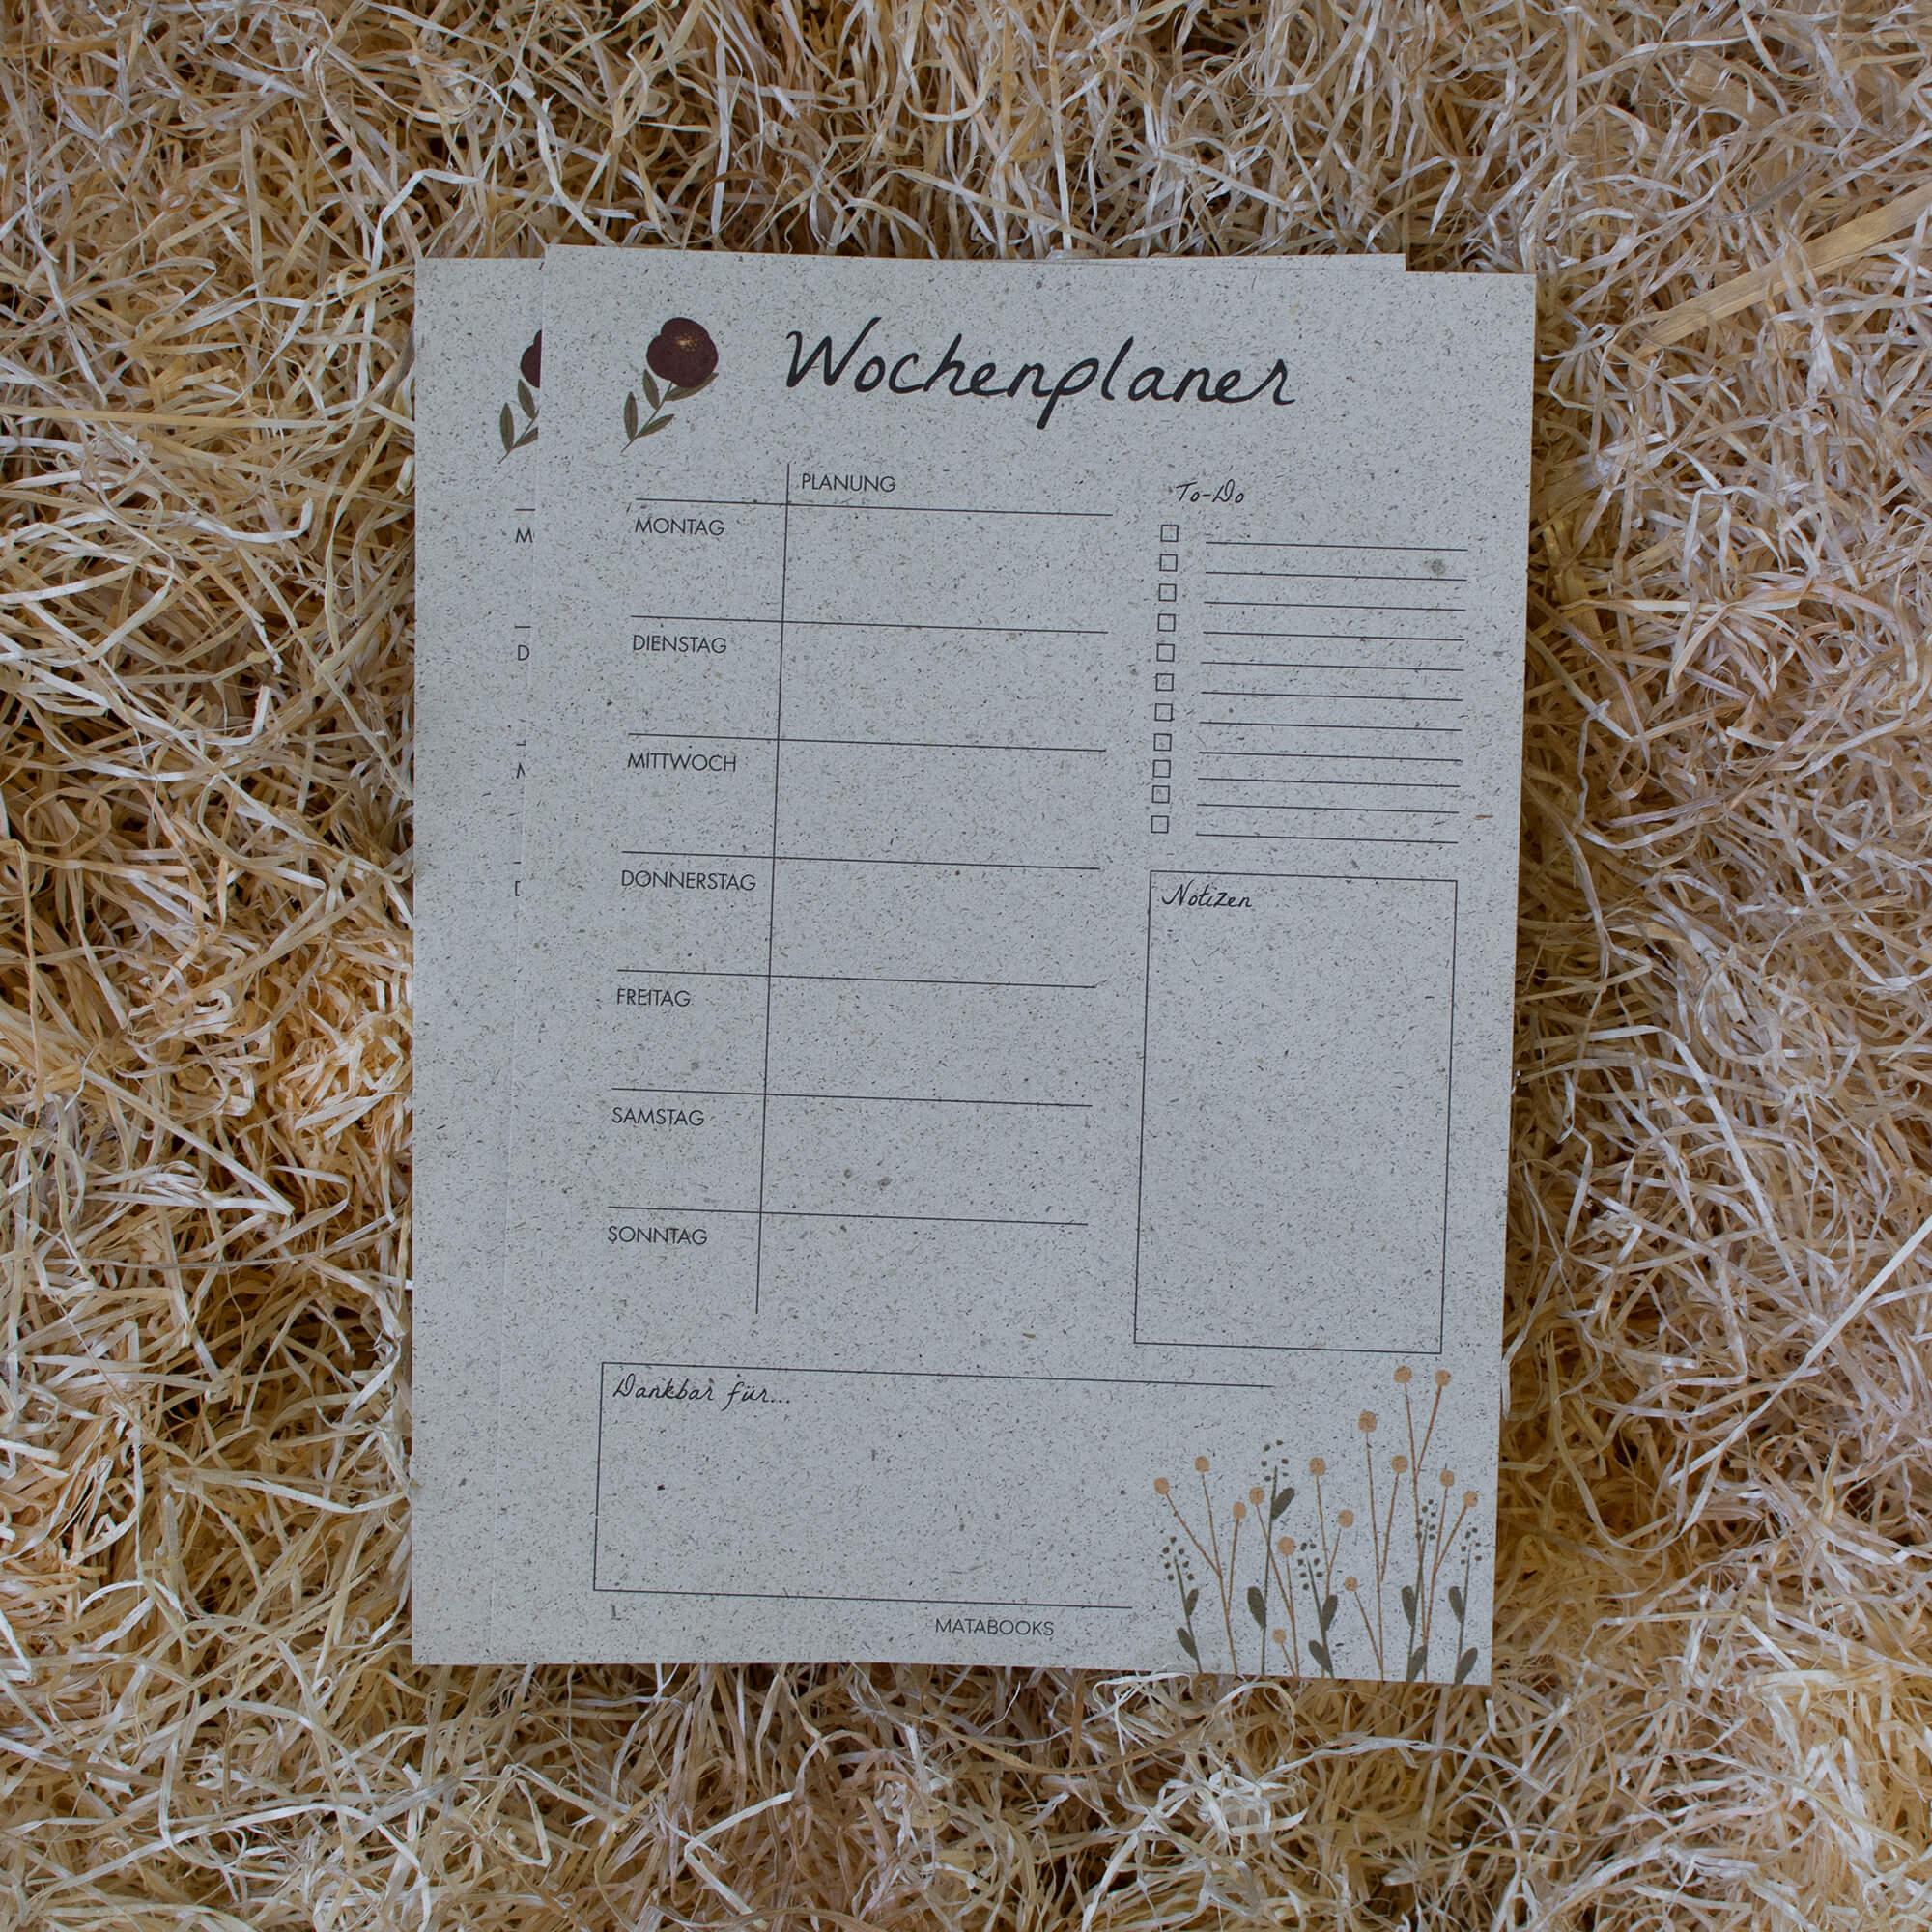 matabooks_wochenplaner_blumen_web